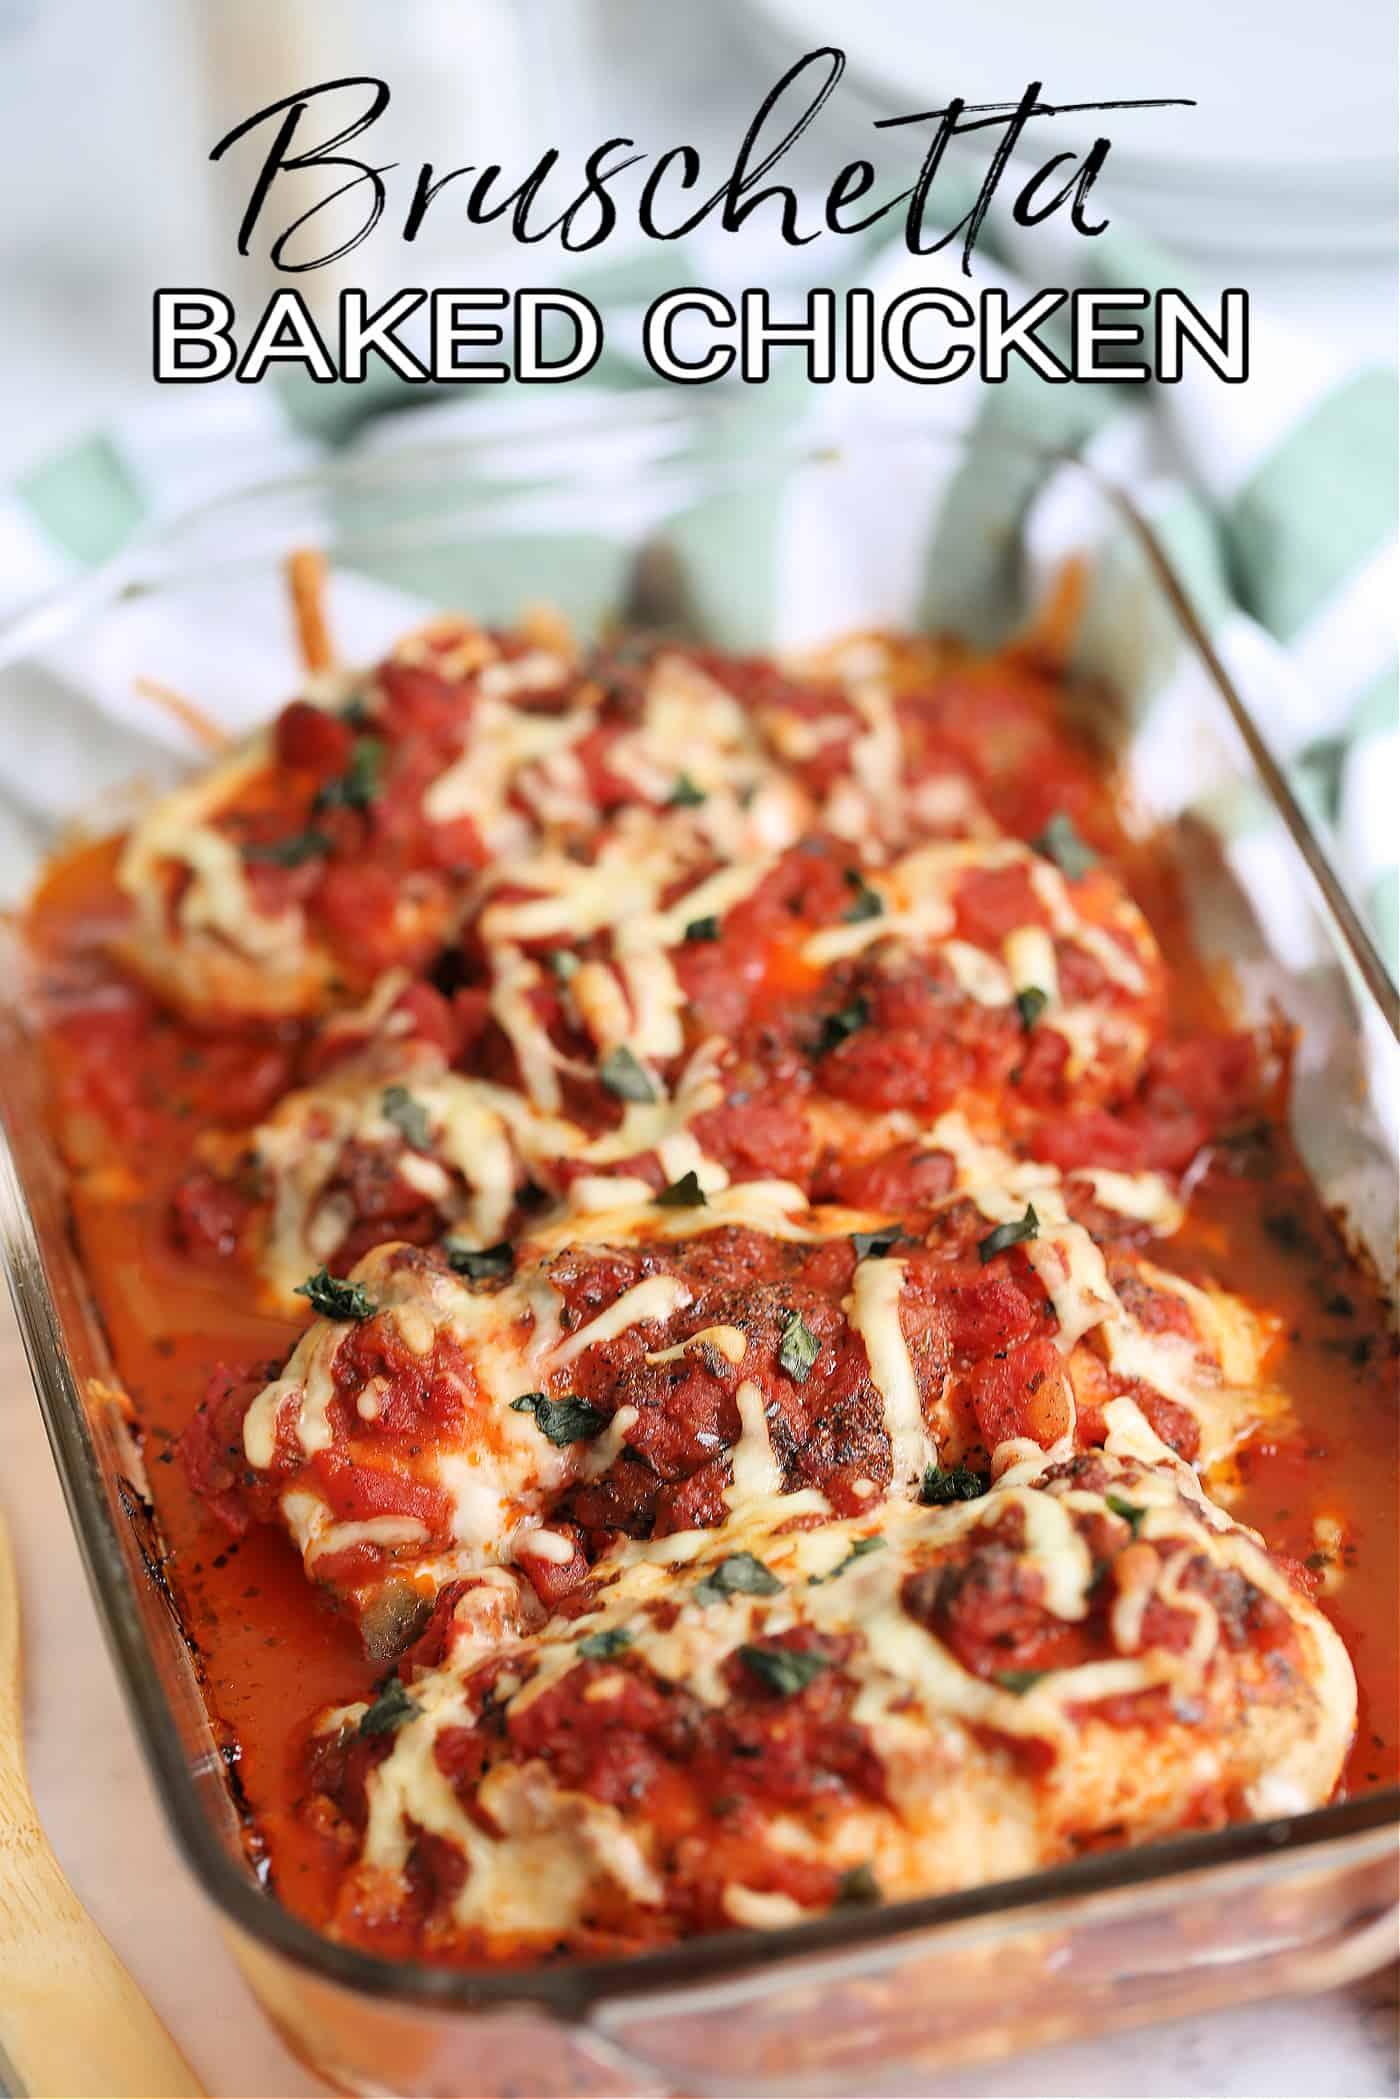 bruschetta chicken in a dish with text